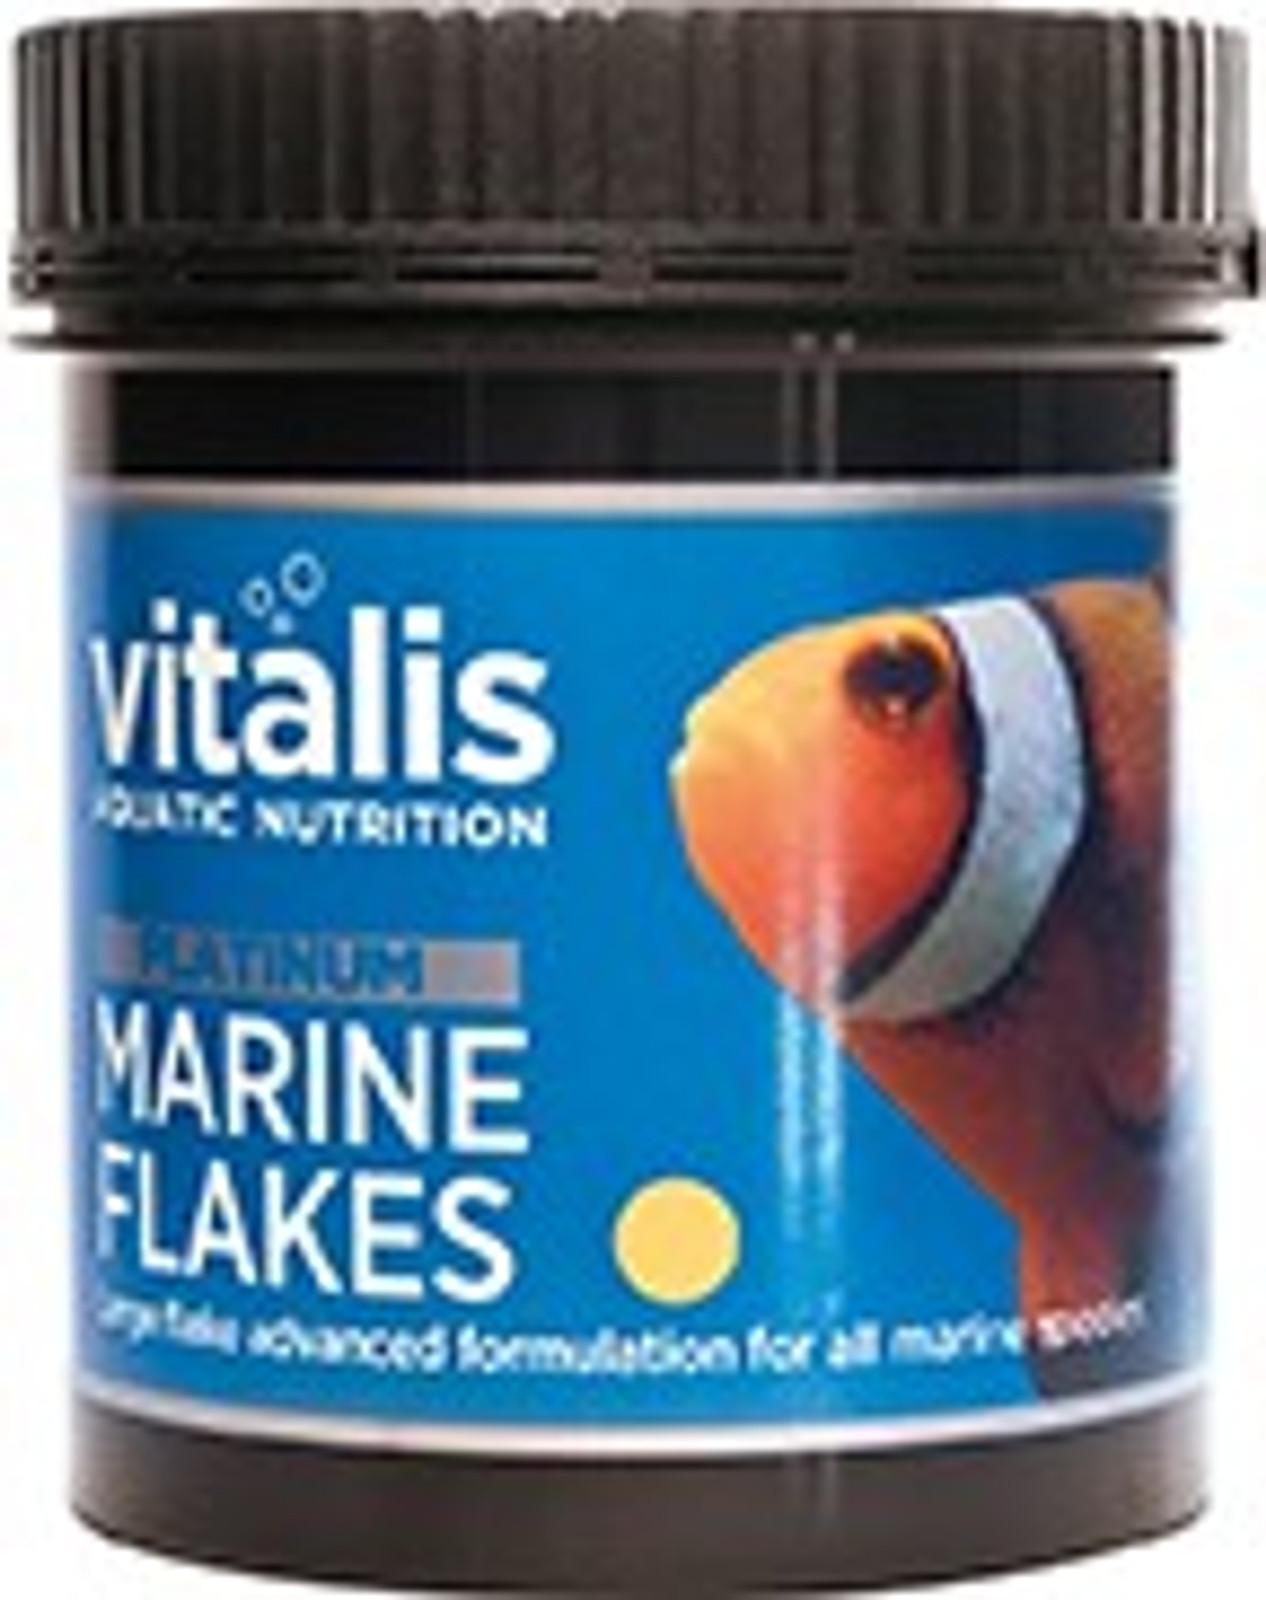 vitalis Platinum Marine Flakes 30 g für Meerwasserfische – Bild 1